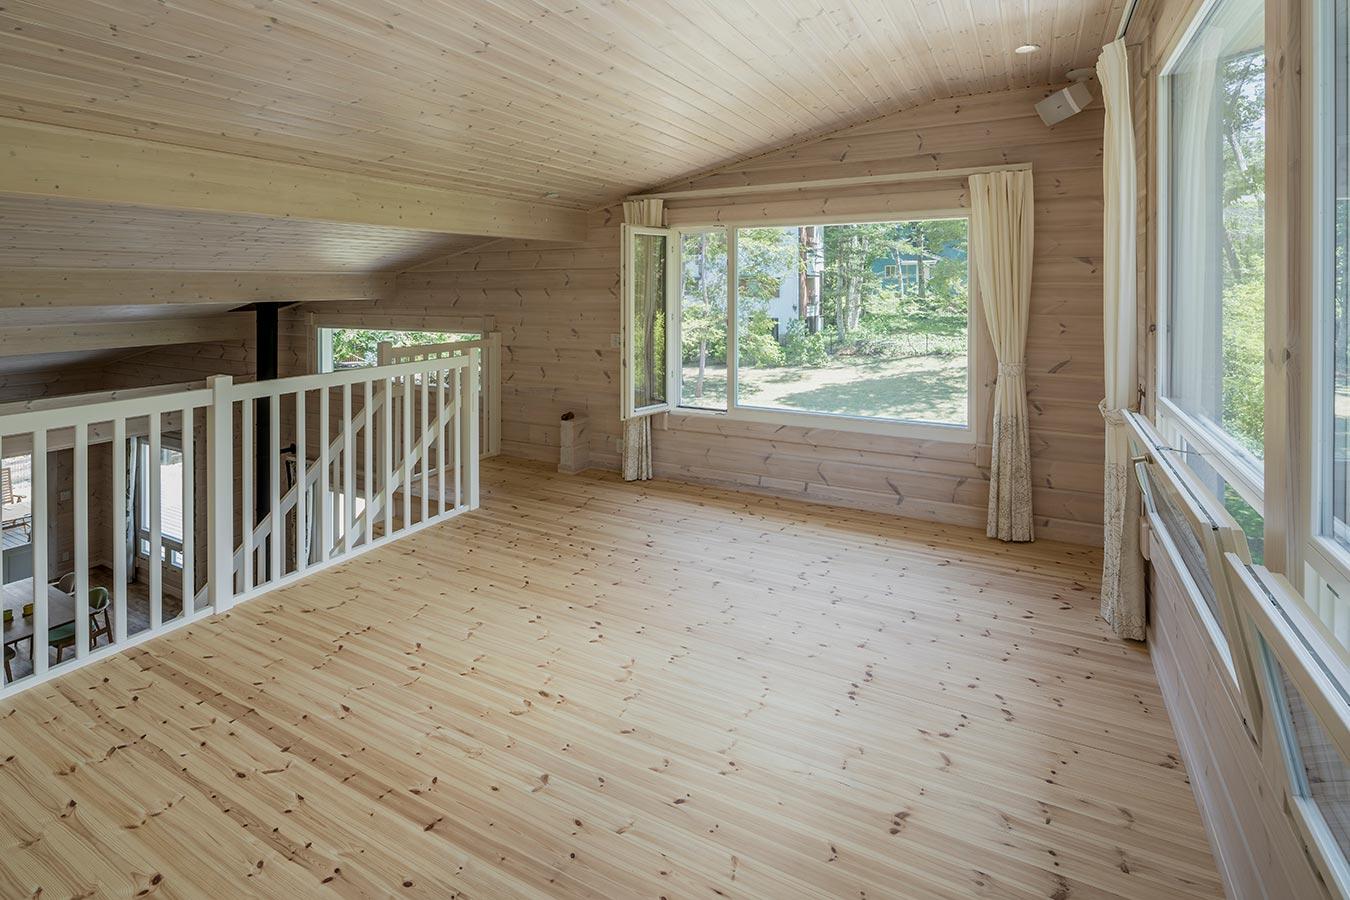 2方向に大きな窓を設け室内を一望できるロフト。書斎やゲストスペースに。